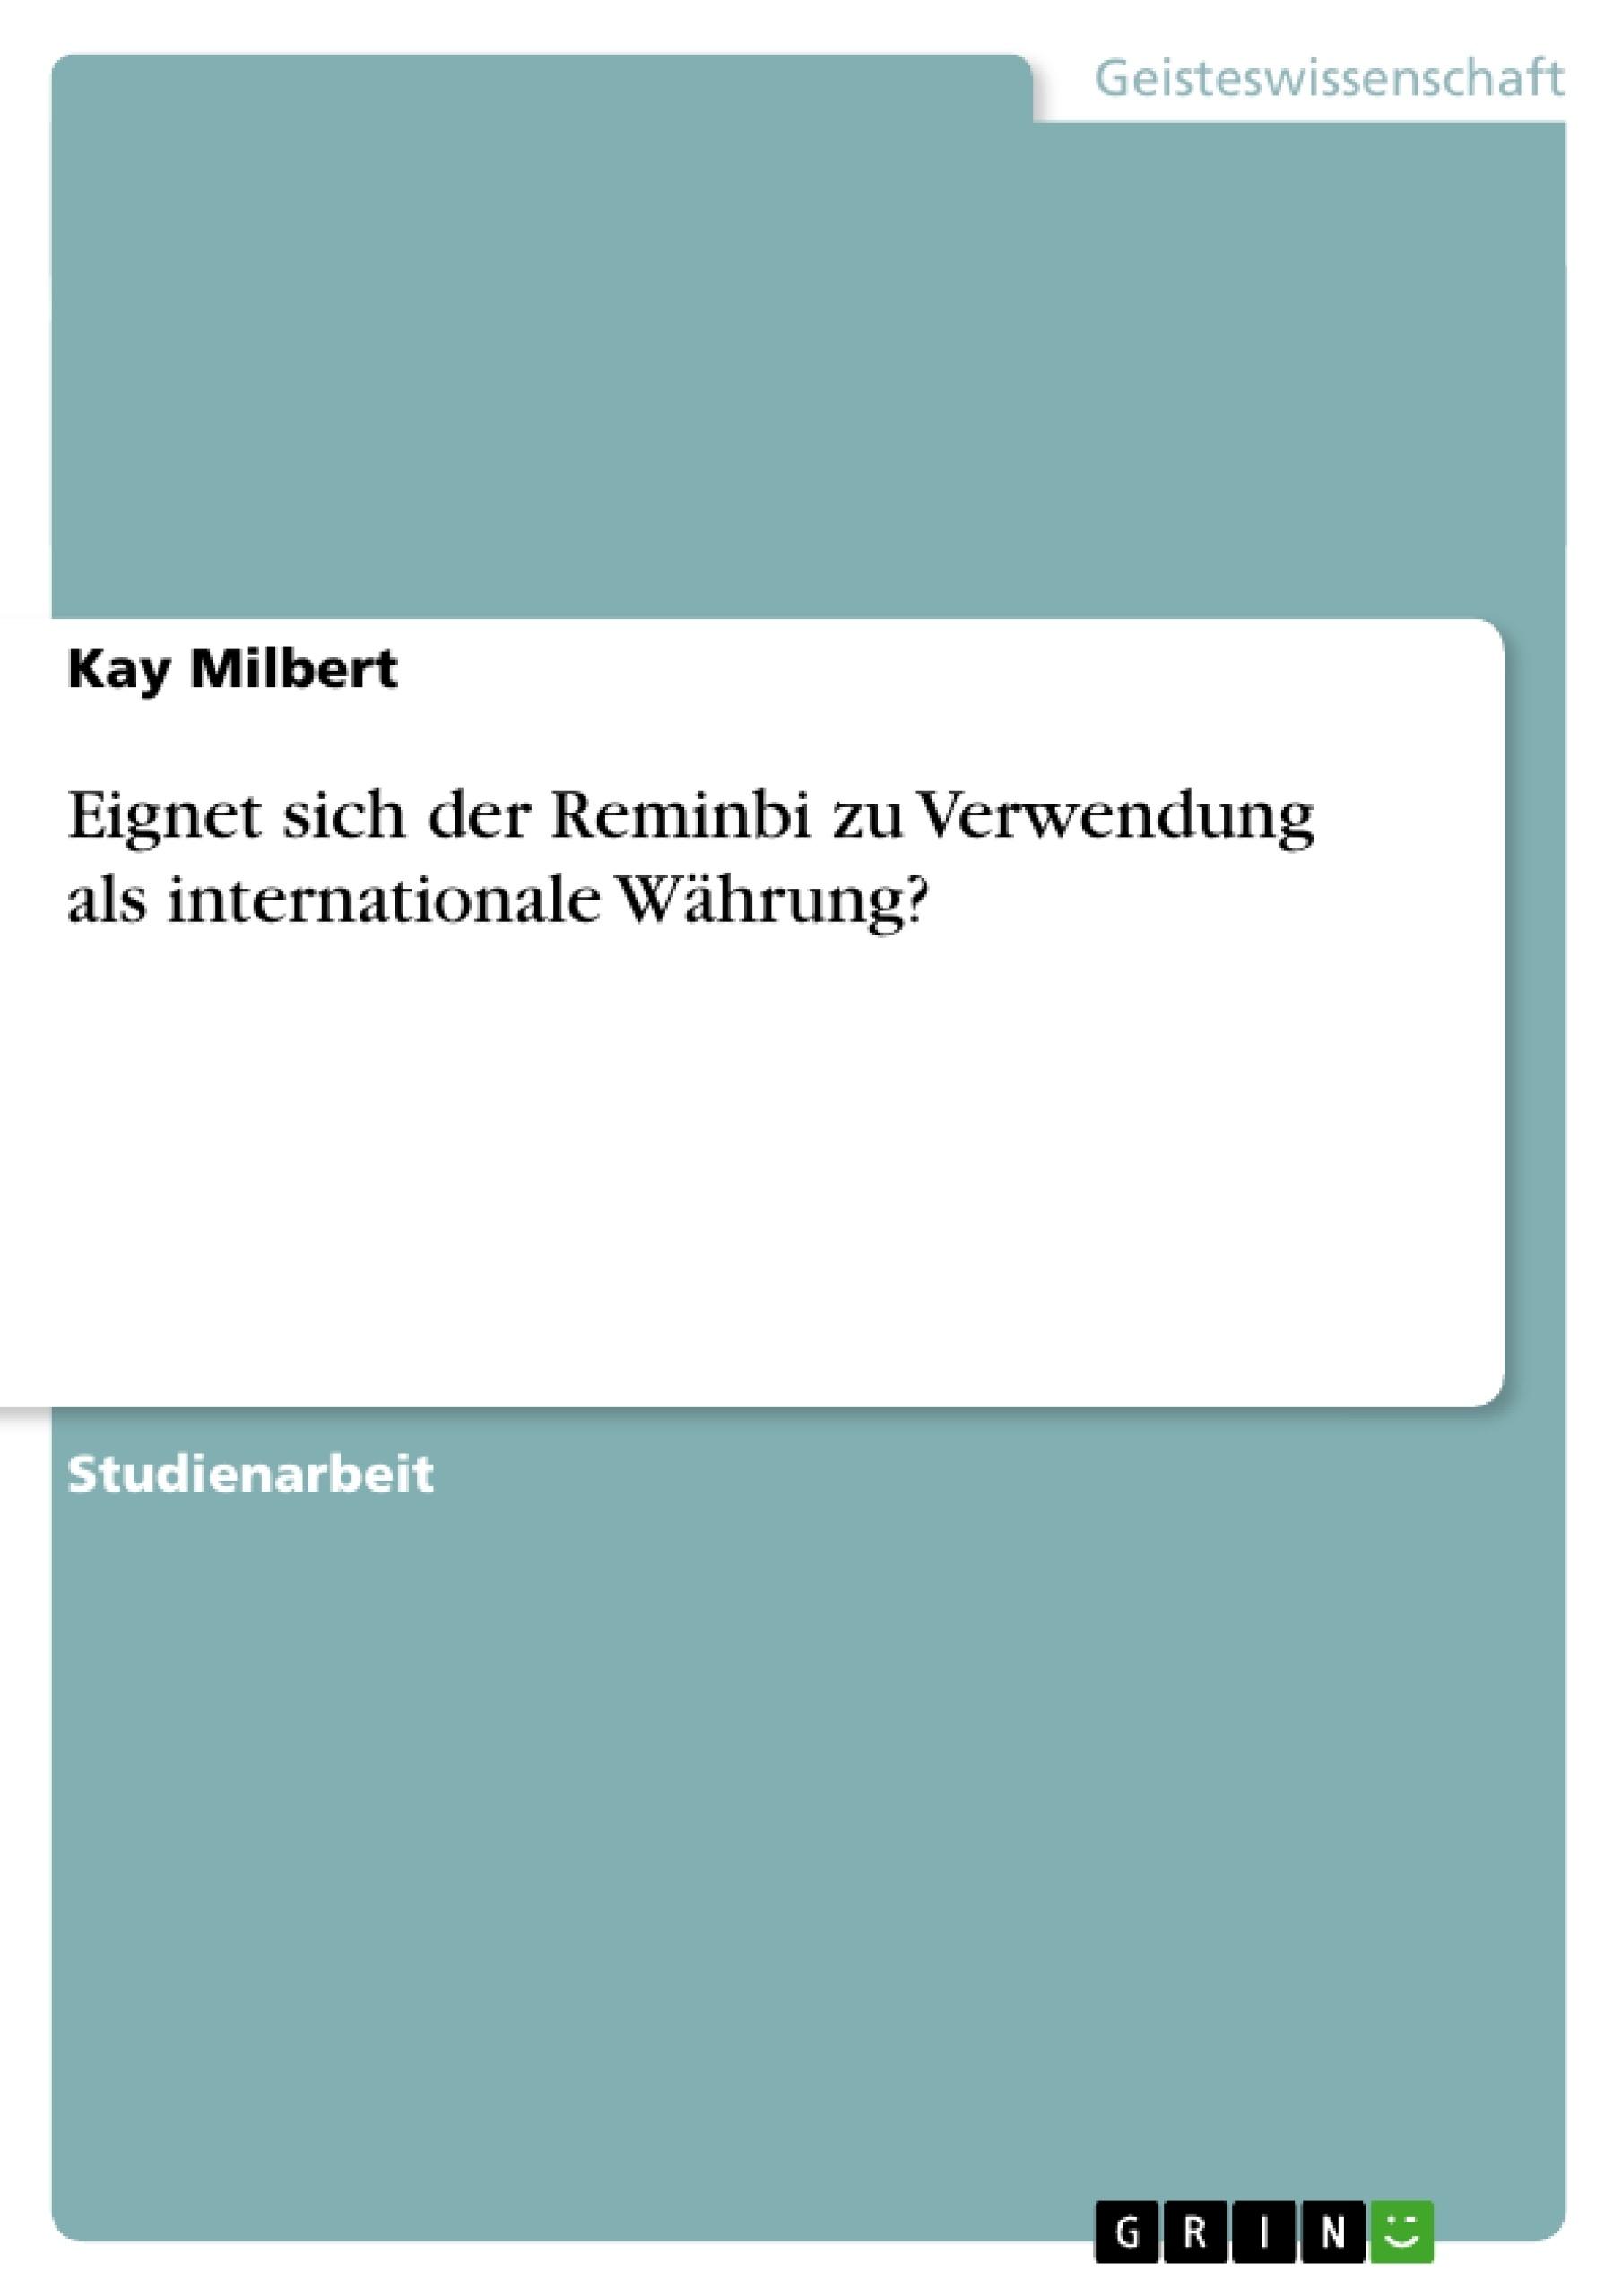 Titel: Eignet sich der Reminbi zu Verwendung als internationale Währung?